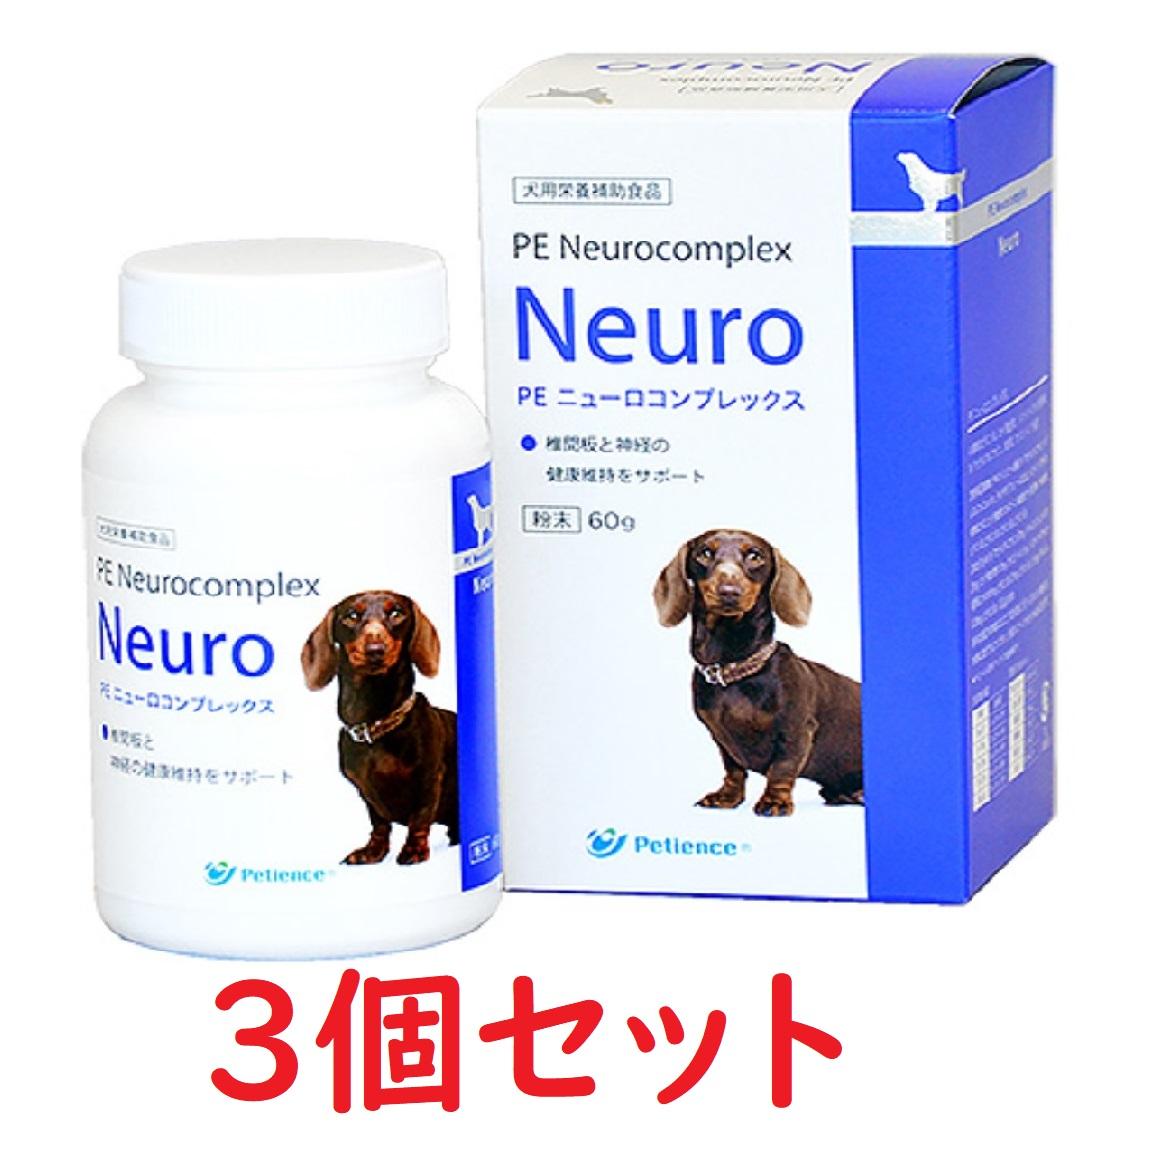 【あす楽】【3個セット】【PEニューロコンプレックス 粉末 】犬【ペティエンスメディカル】